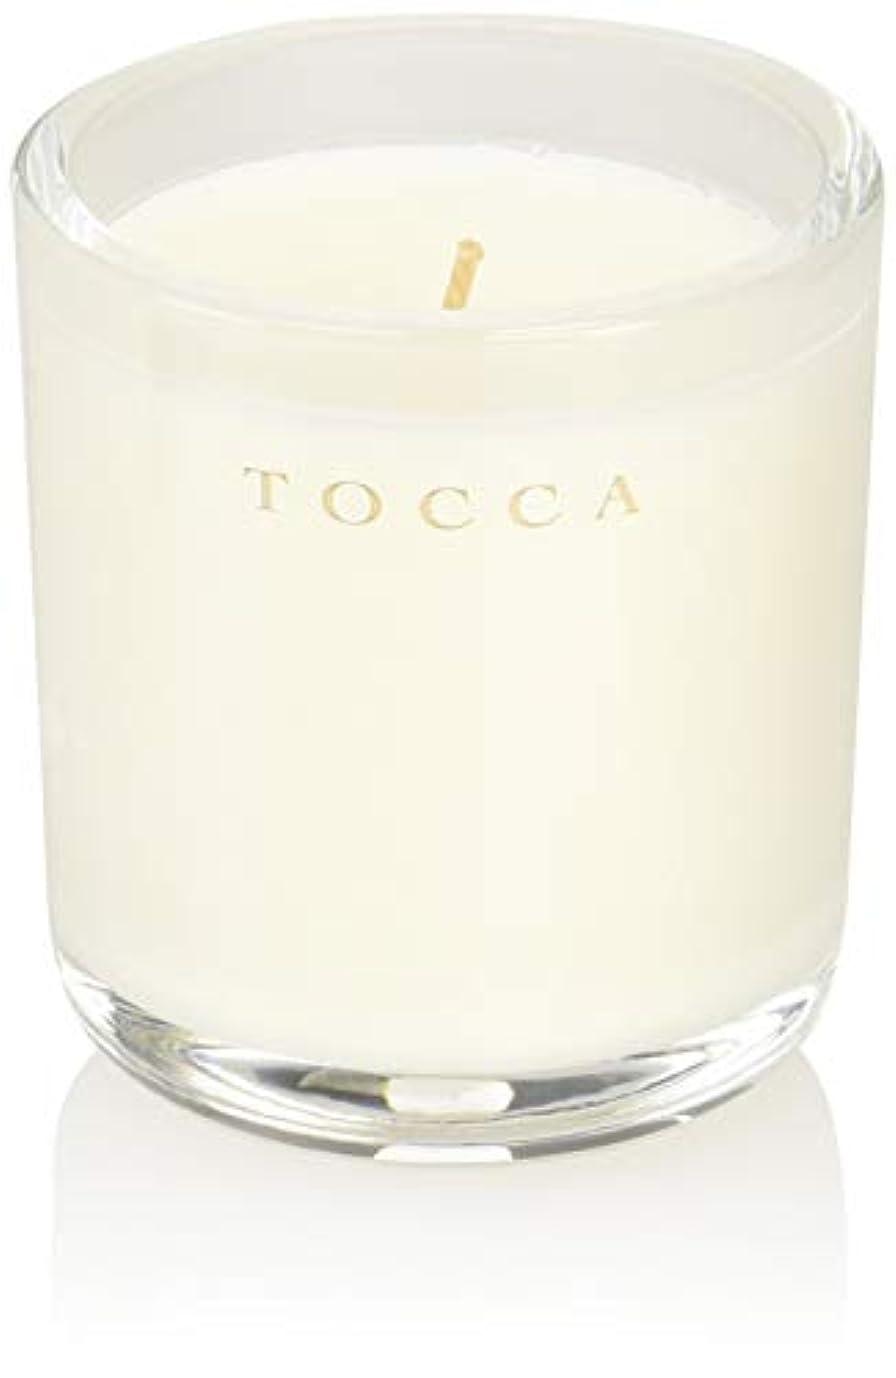 フィラデルフィアボランティア帝国主義TOCCA(トッカ) ボヤージュ キャンデリーナ ボラボラ 85g (ろうそく 芳香 バニラとジャスミンの甘く柔らかな香り)